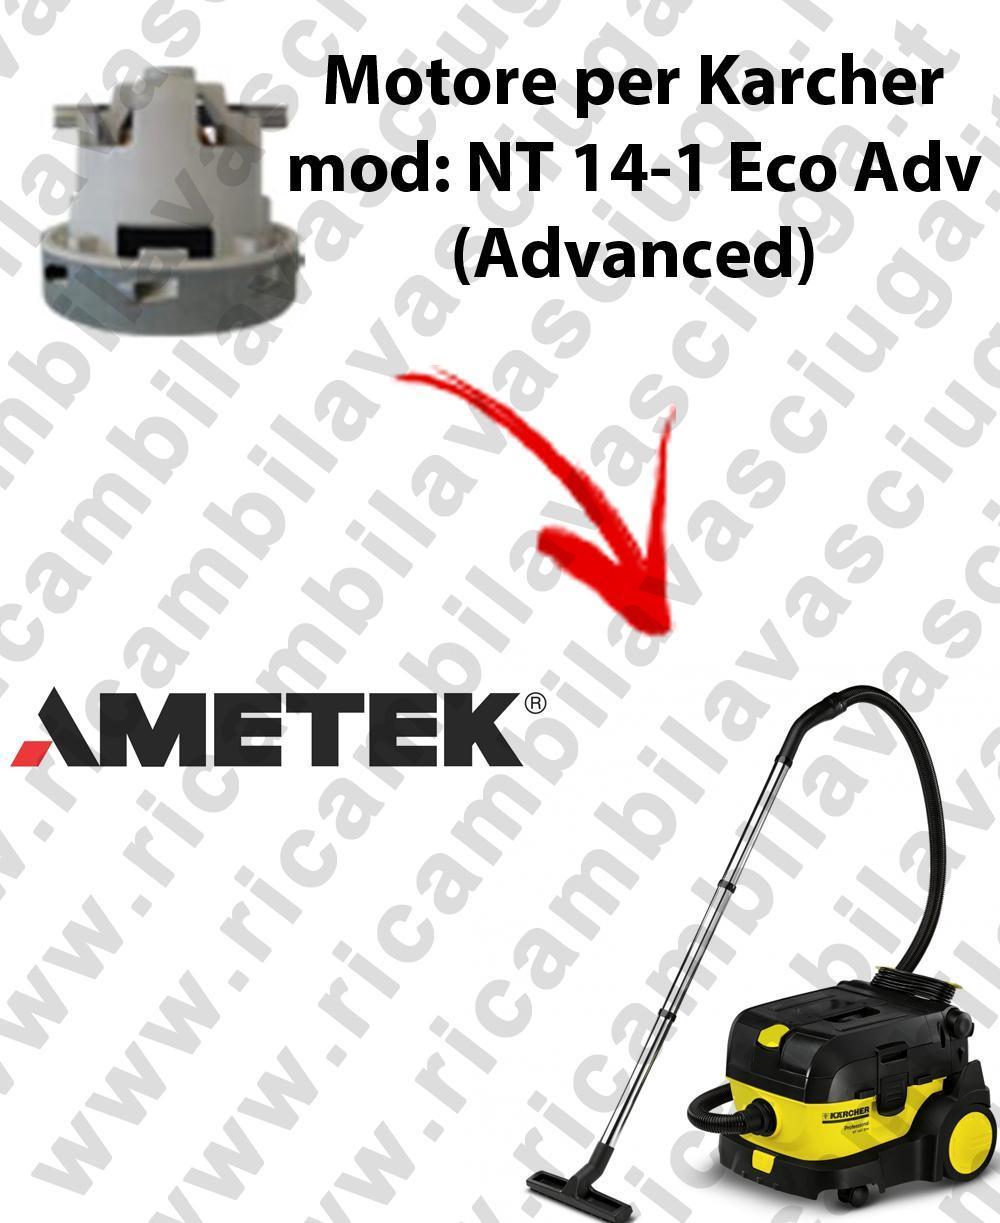 NT 14-1 Eco ADV (Advanced)  Motore de aspiración AMETEK para aspiradora KERCHER